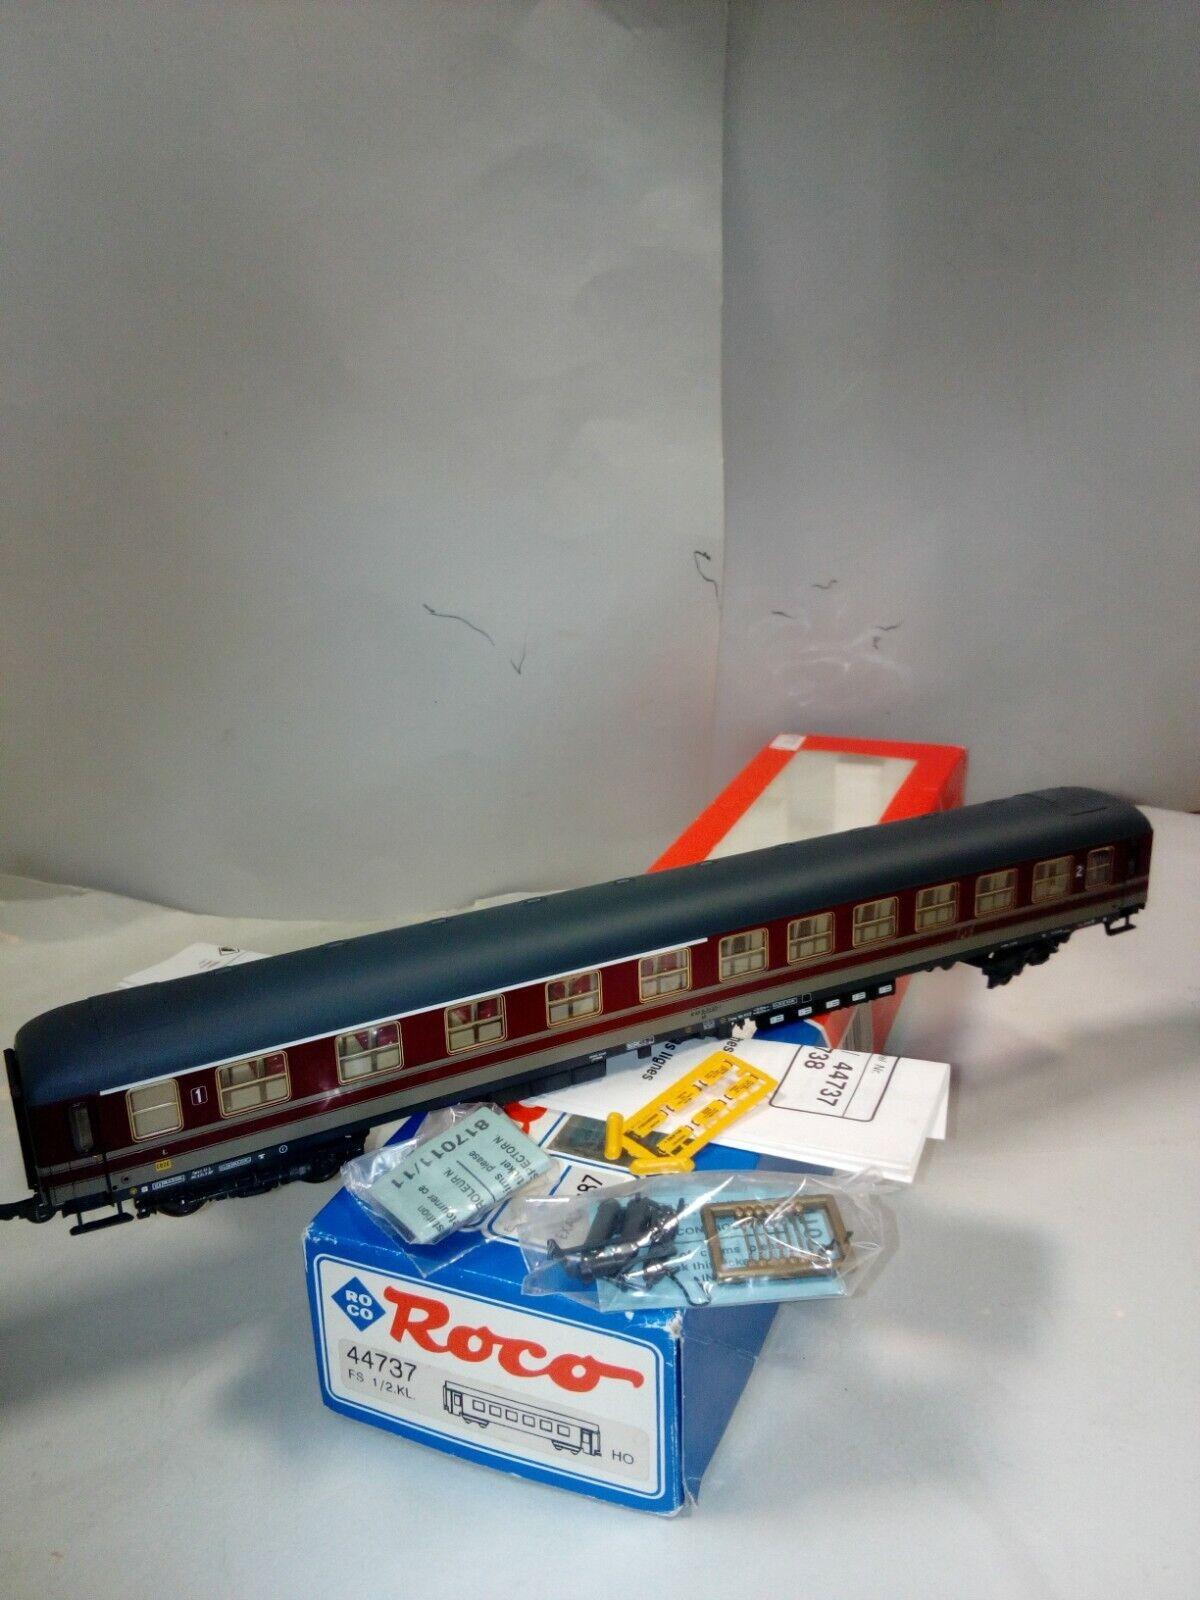 ROCO 44737 CARROZZA UIC X FS 1 2 CL